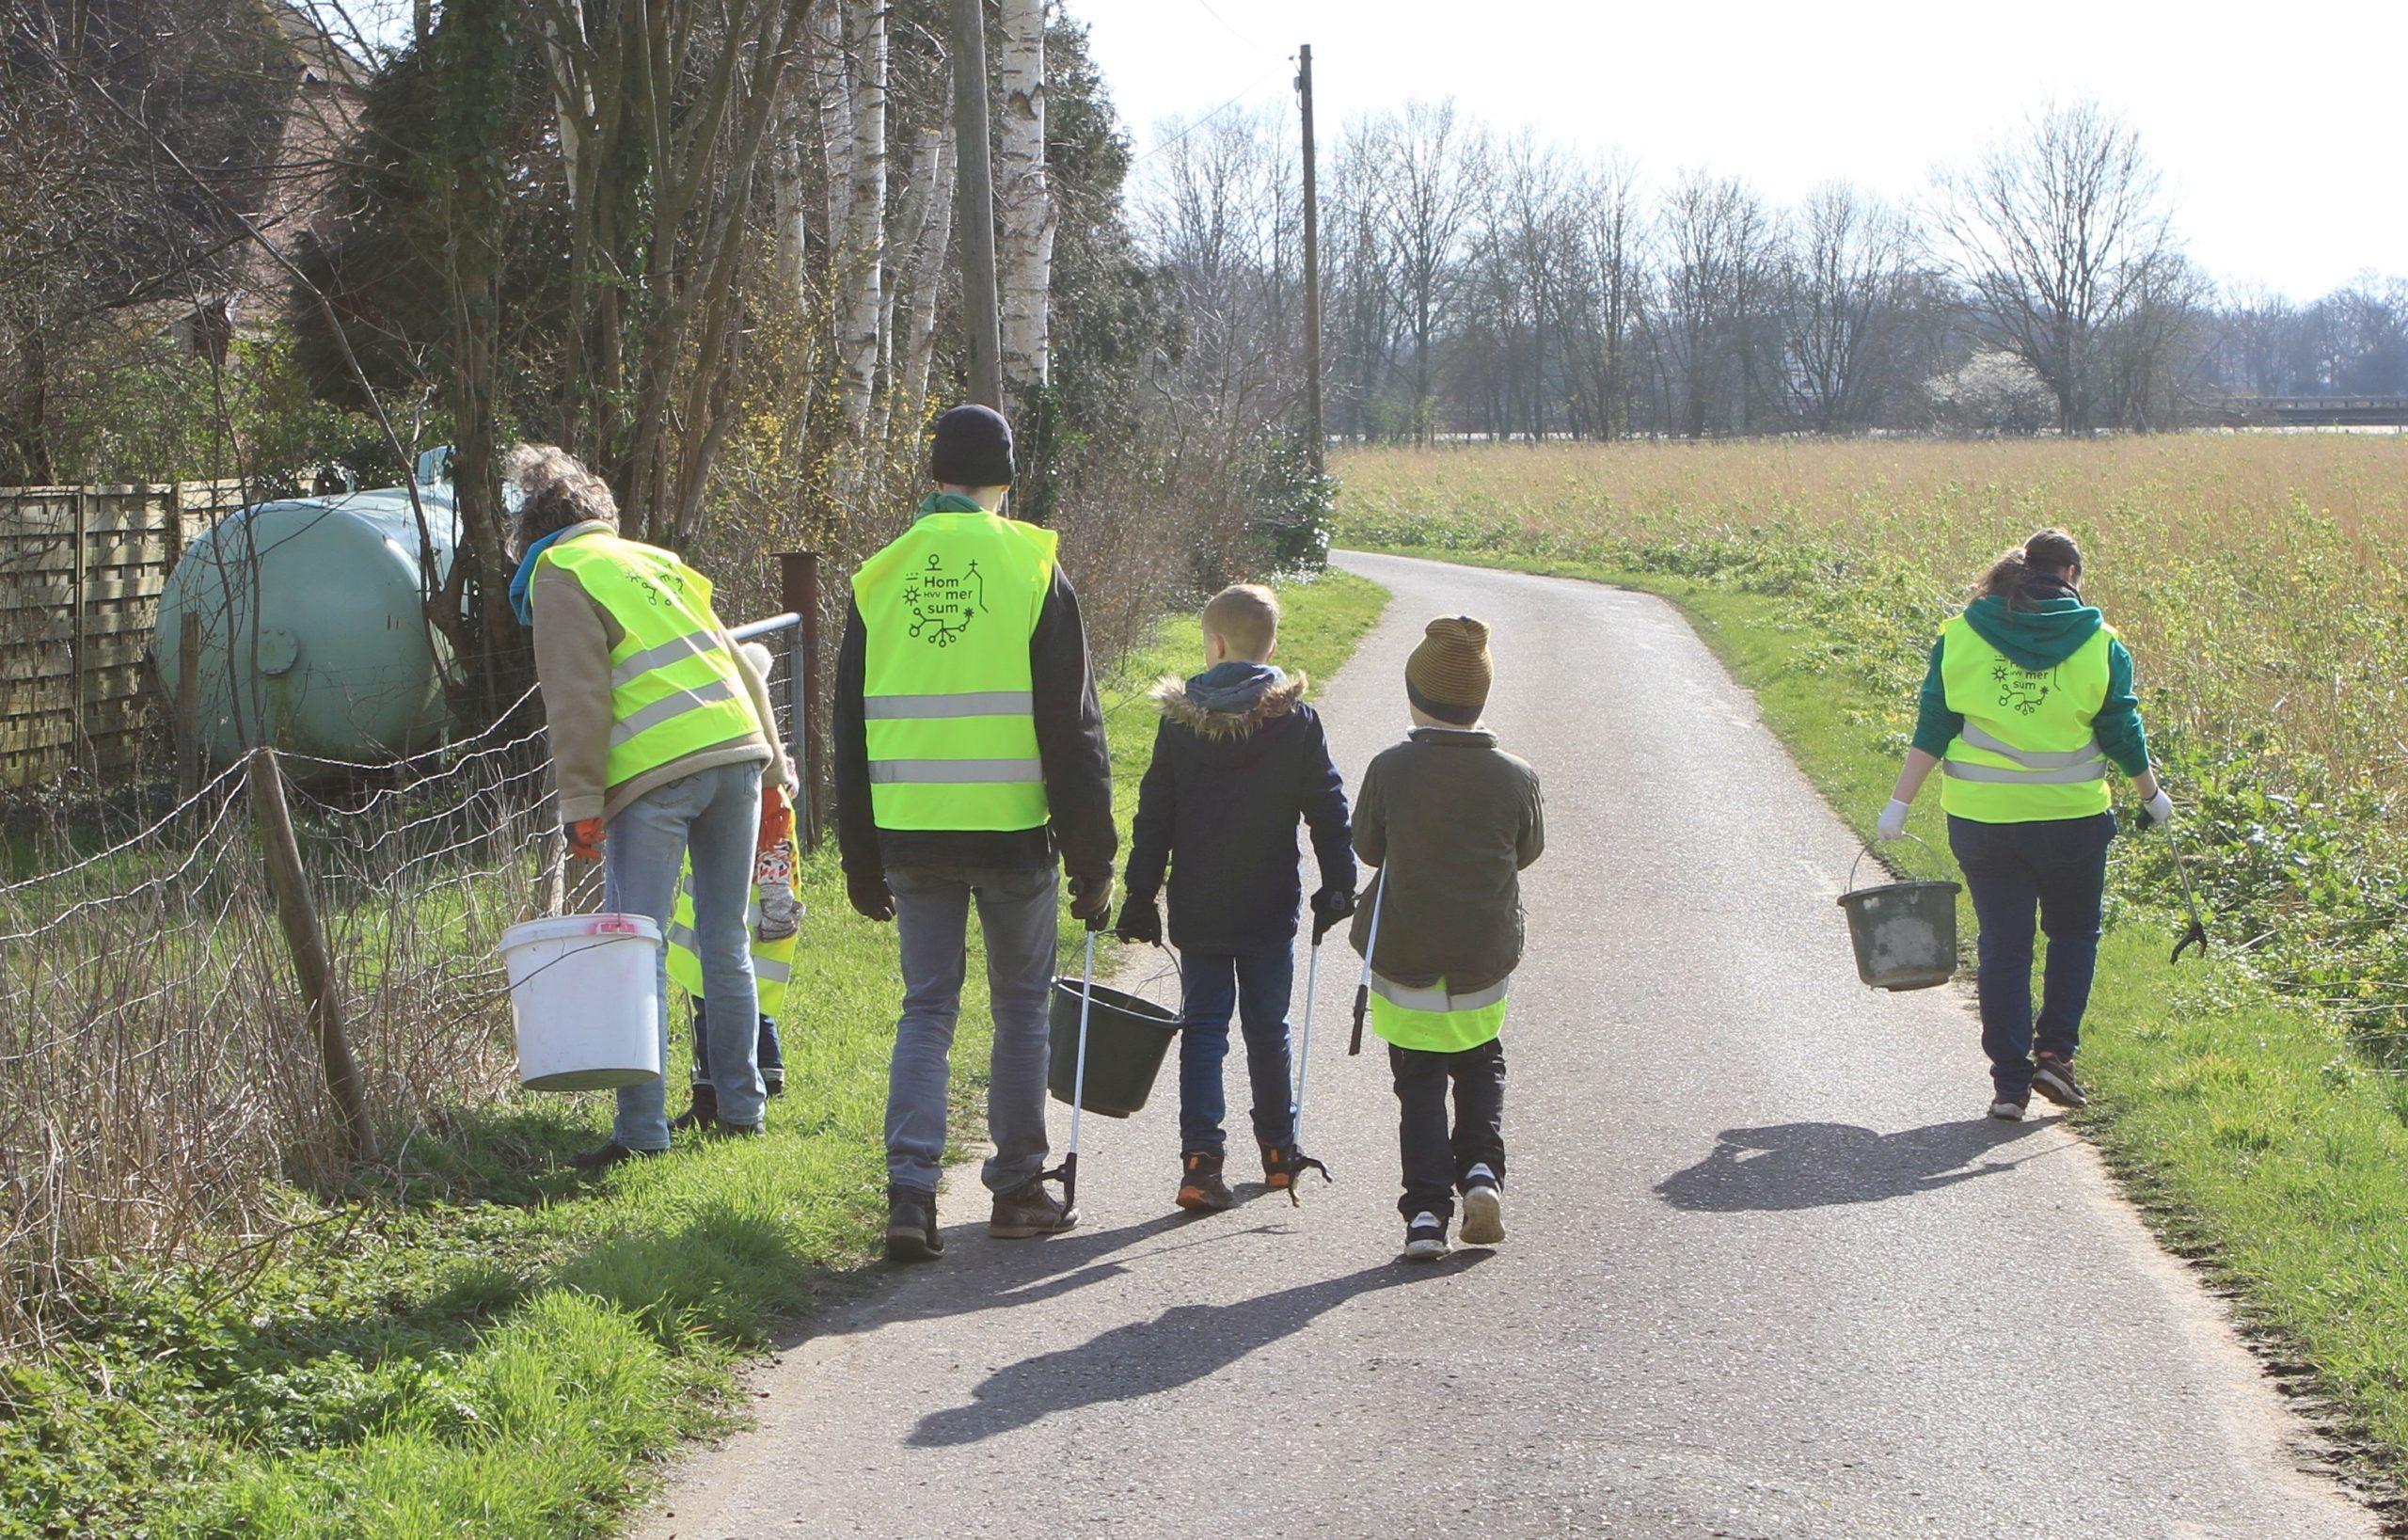 Dorfverschönerungstag am 7. März 2020 Müllsammeln